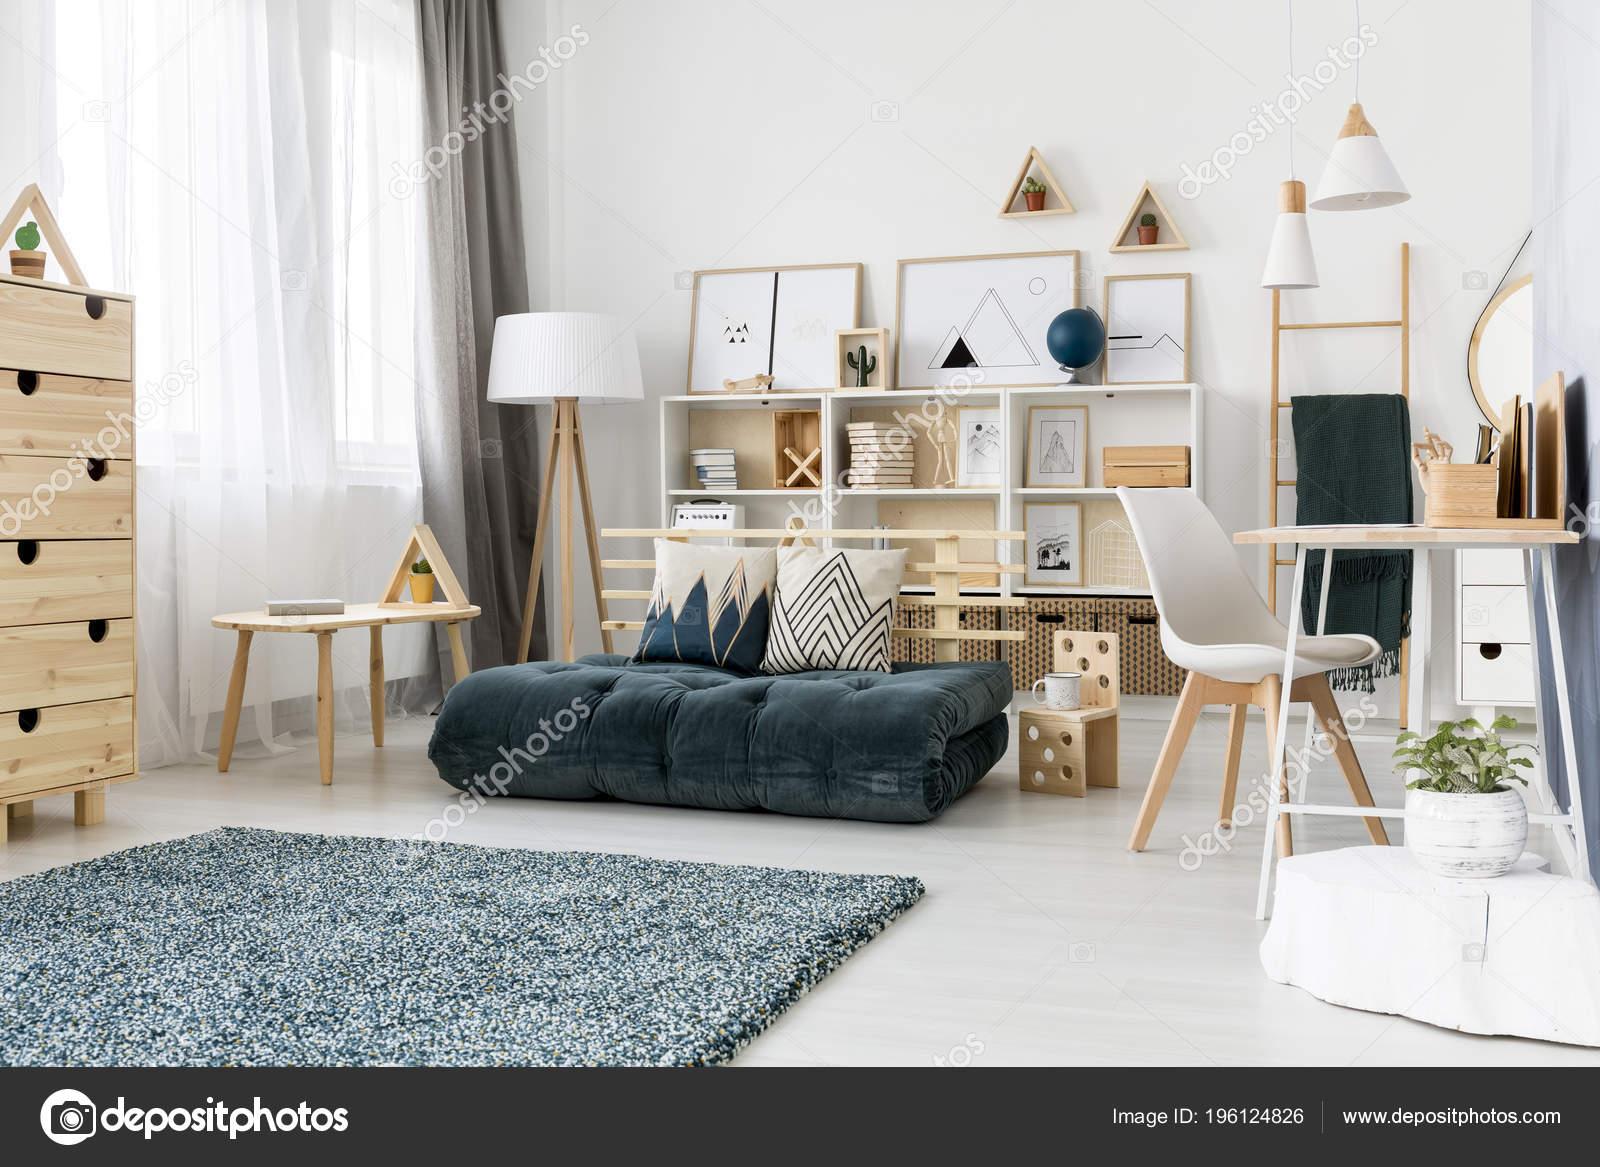 Coussins Motifs Sur Futon Vert Entre Table Bois Chaise Blanche Photo